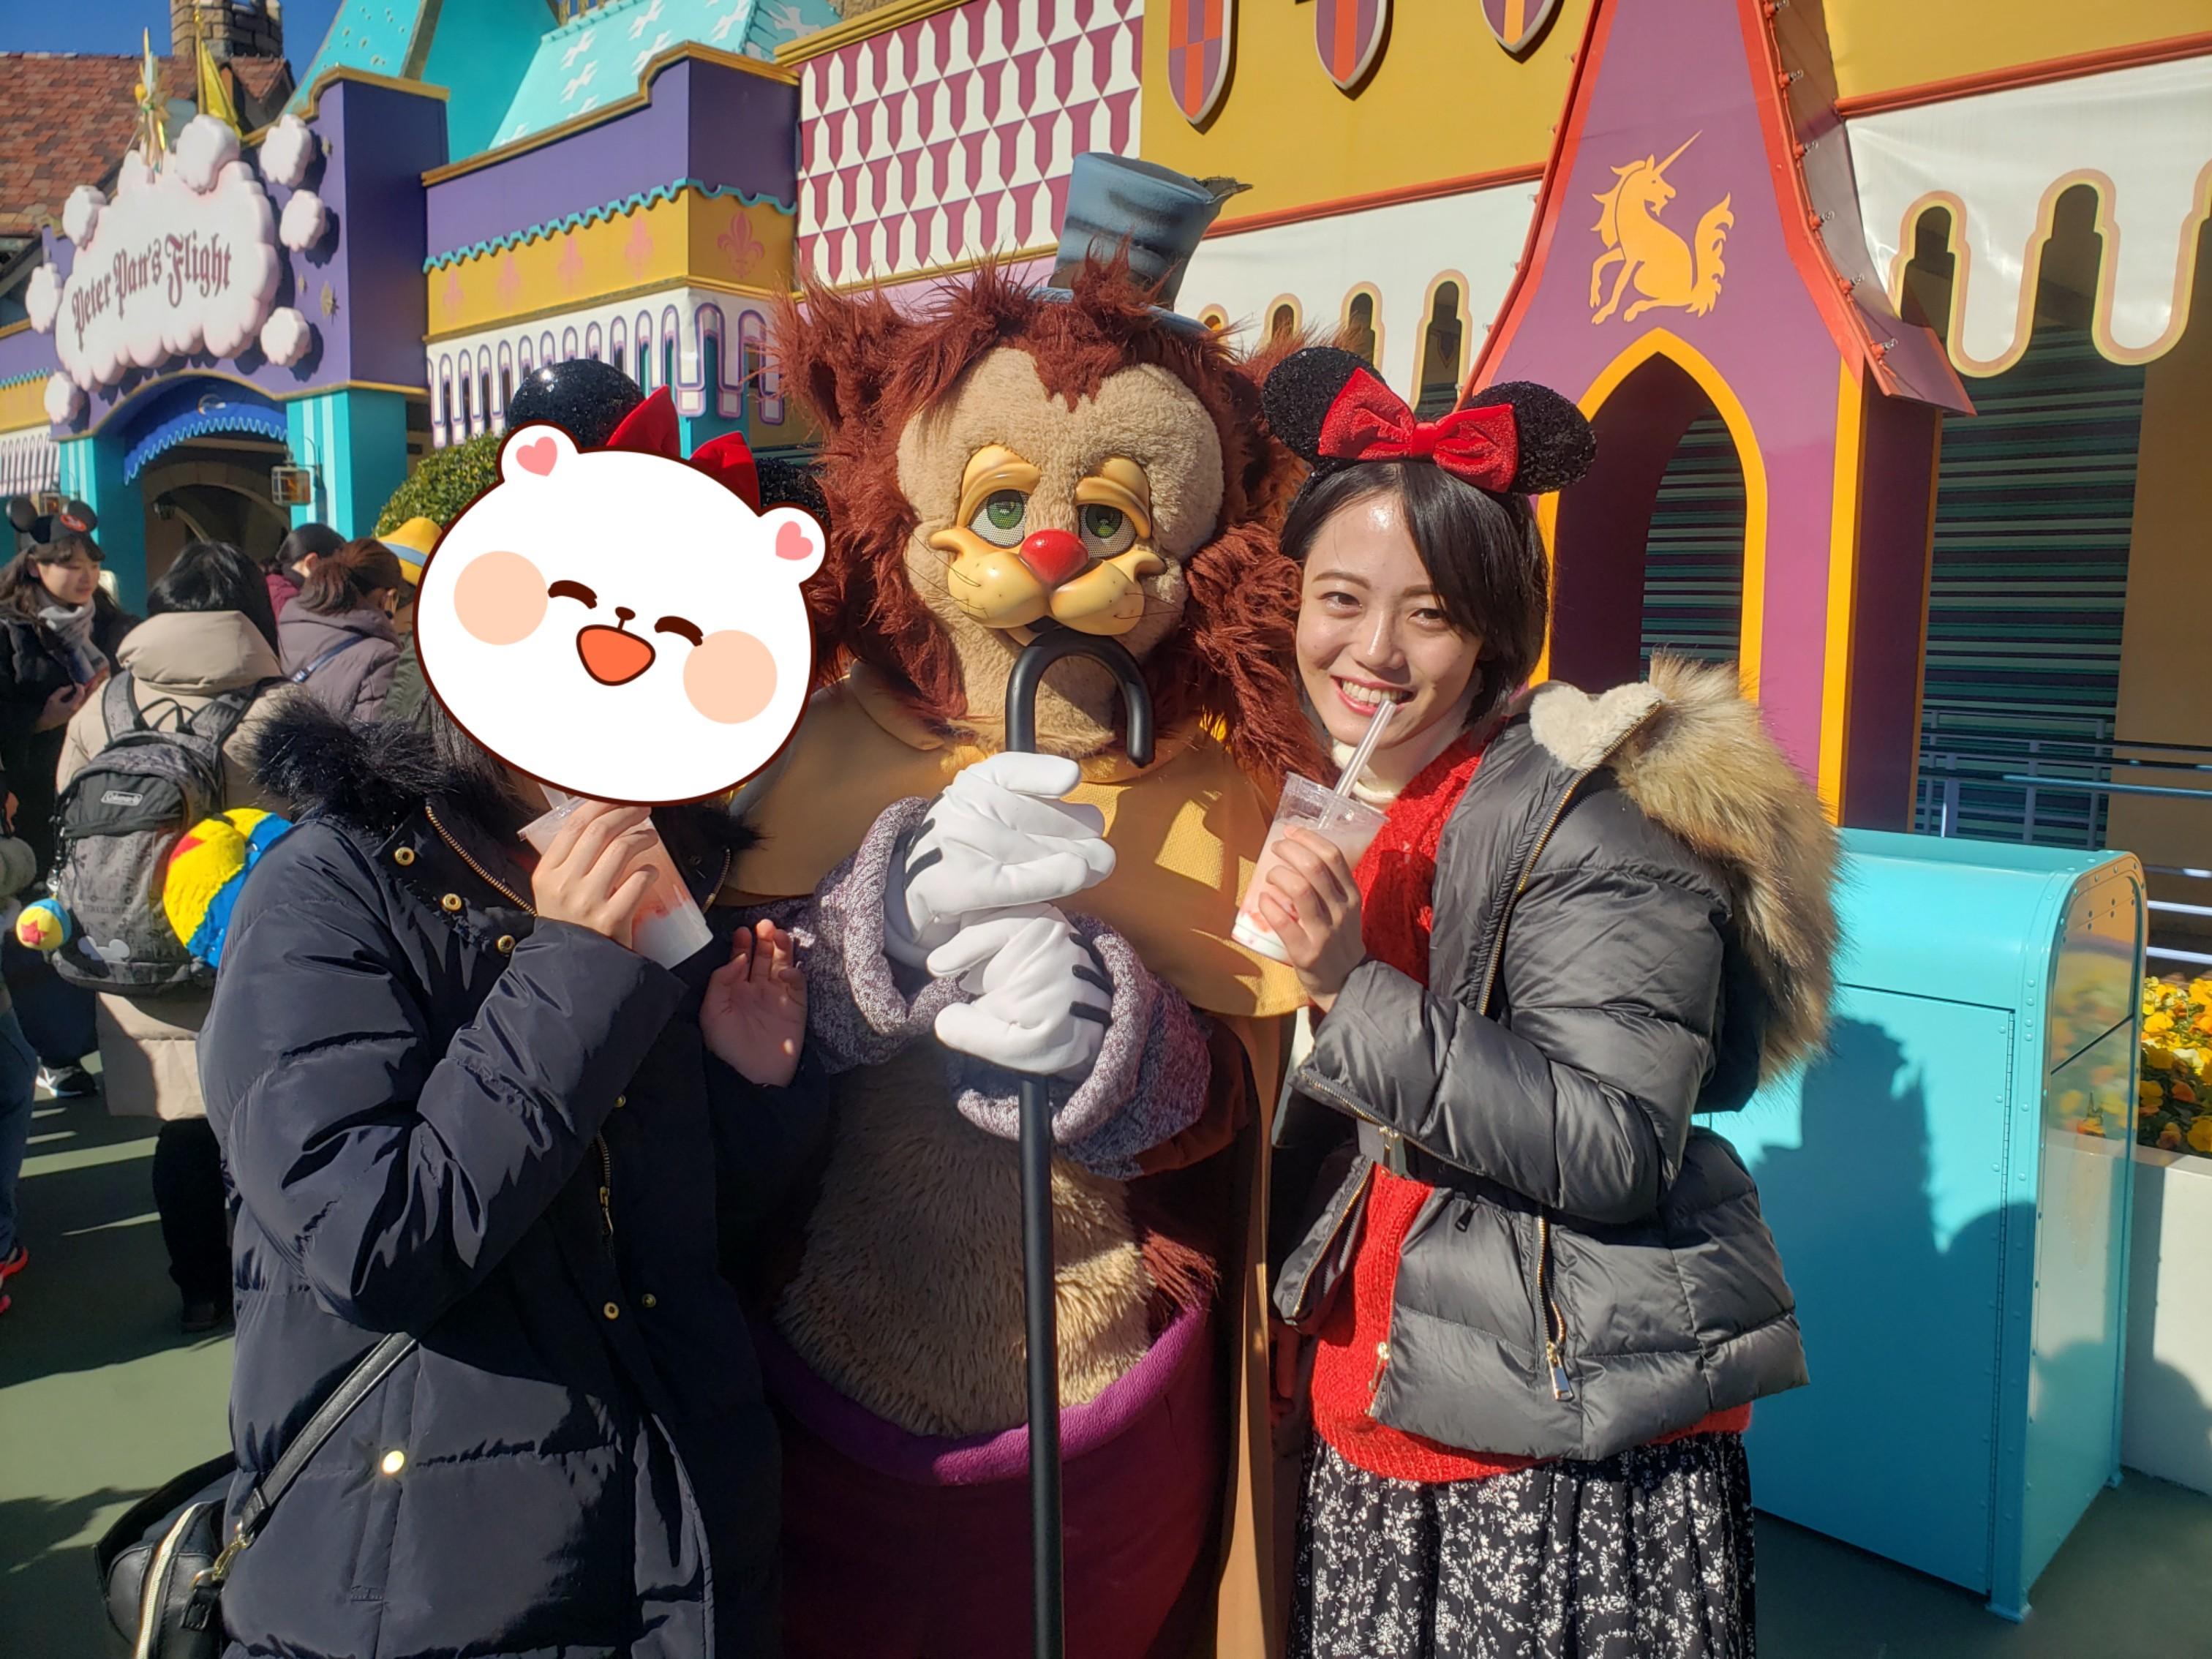 あっちもこっちもミニーちゃん仕様❤️詳しい友達とディズニーランドへ行ってきた!_5